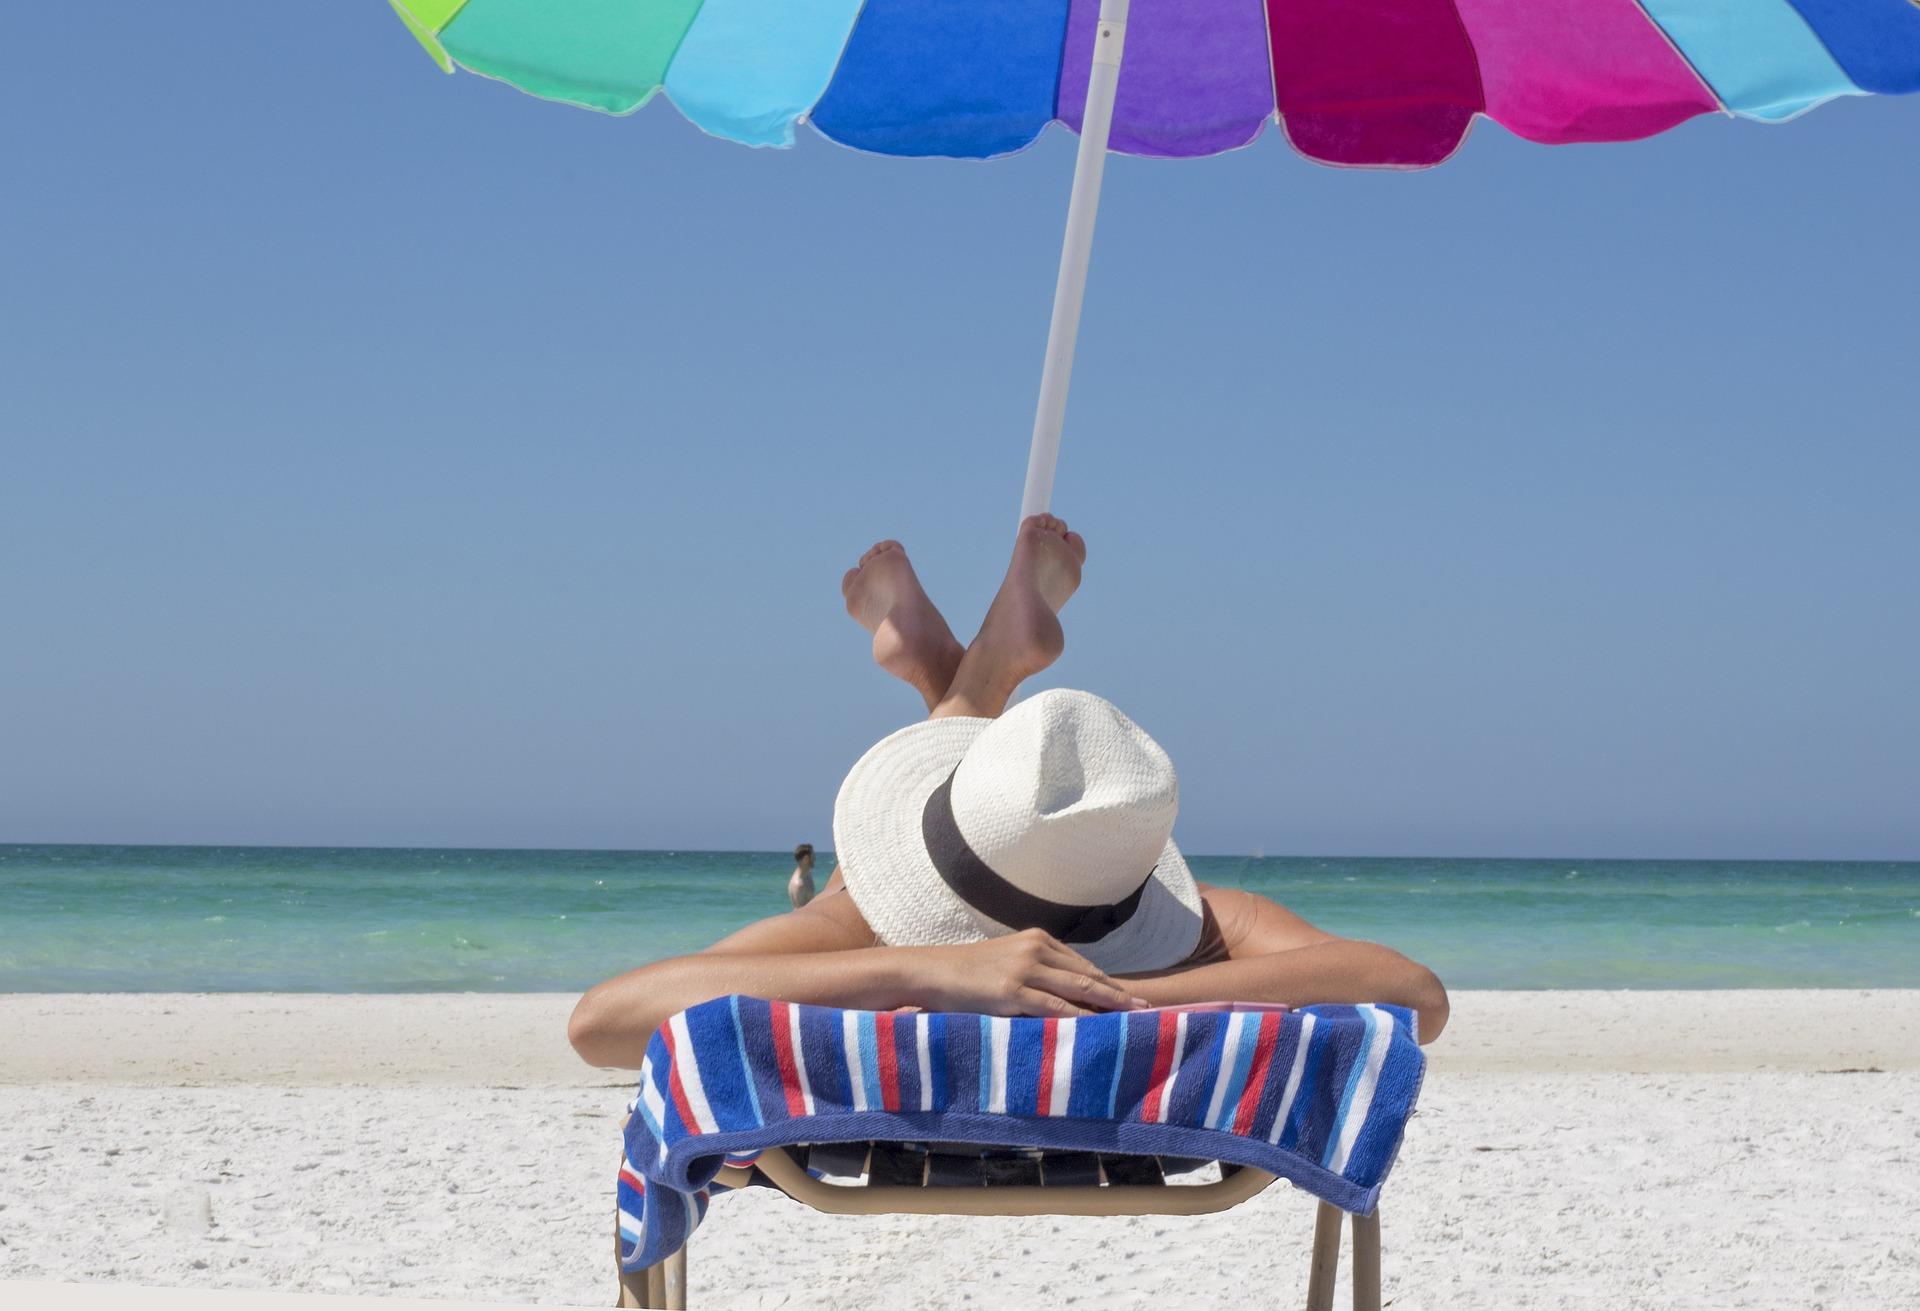 Strand og parasoll.jpg